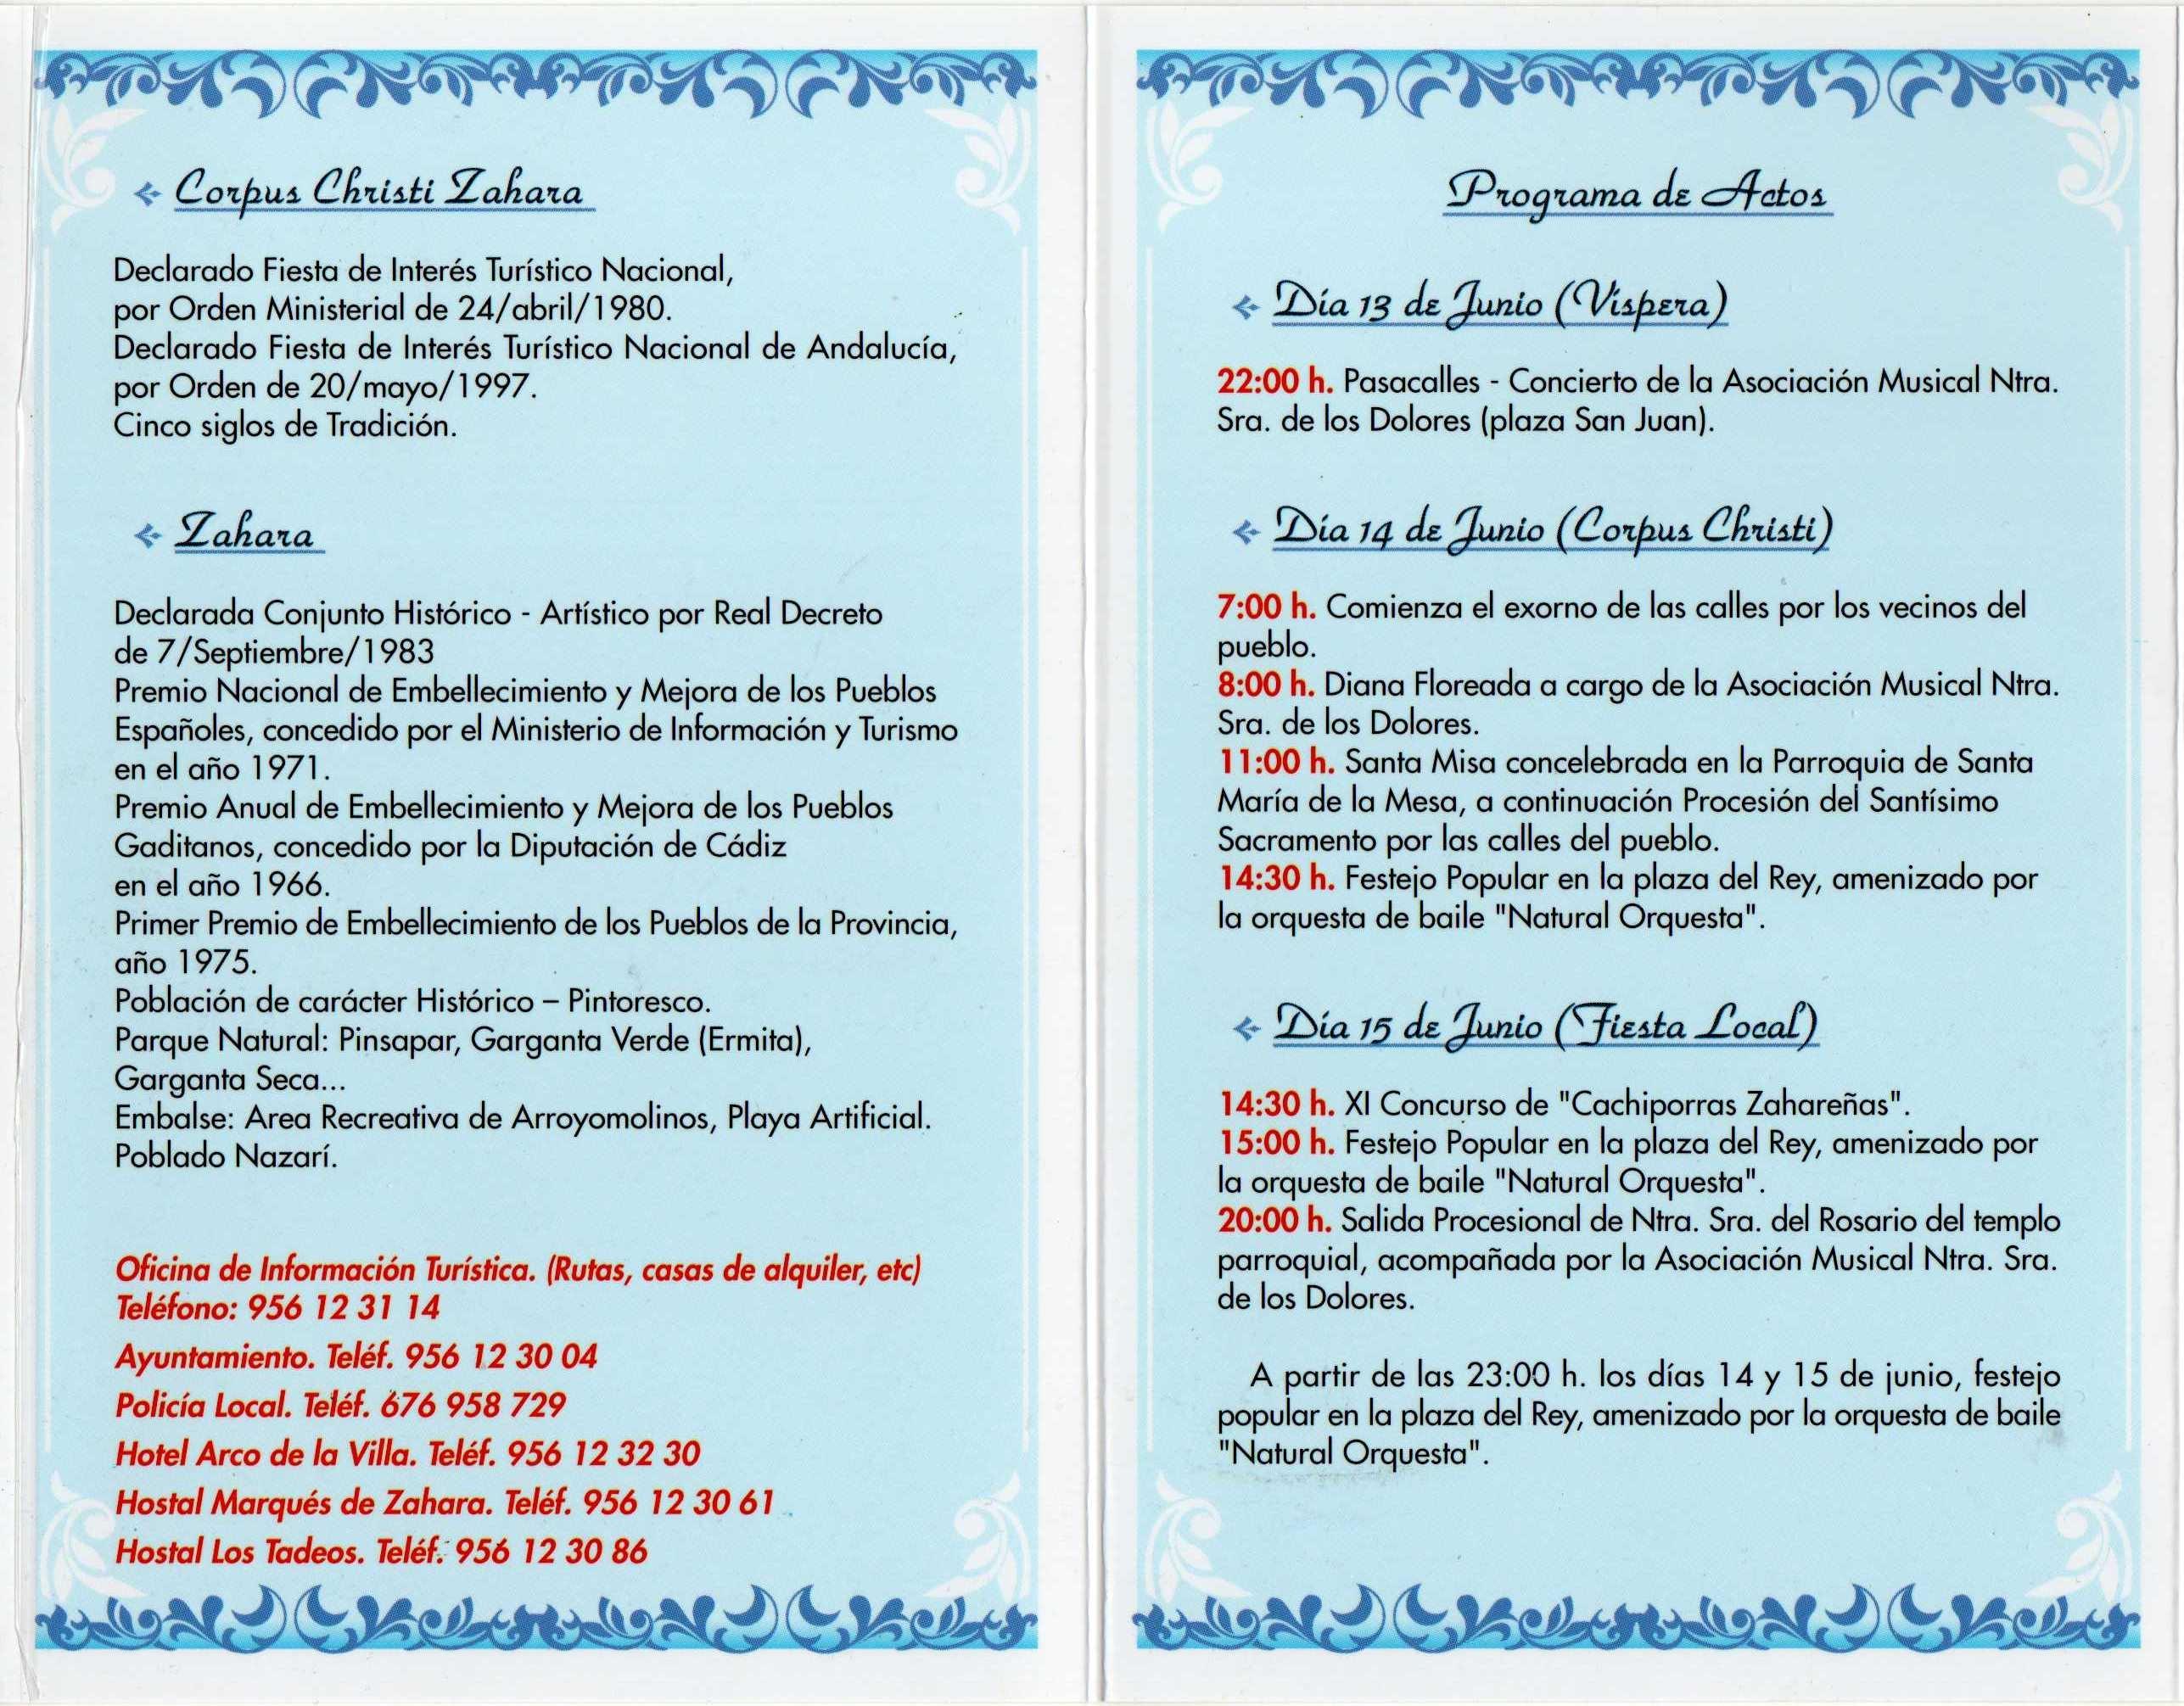 horario misas malaga: